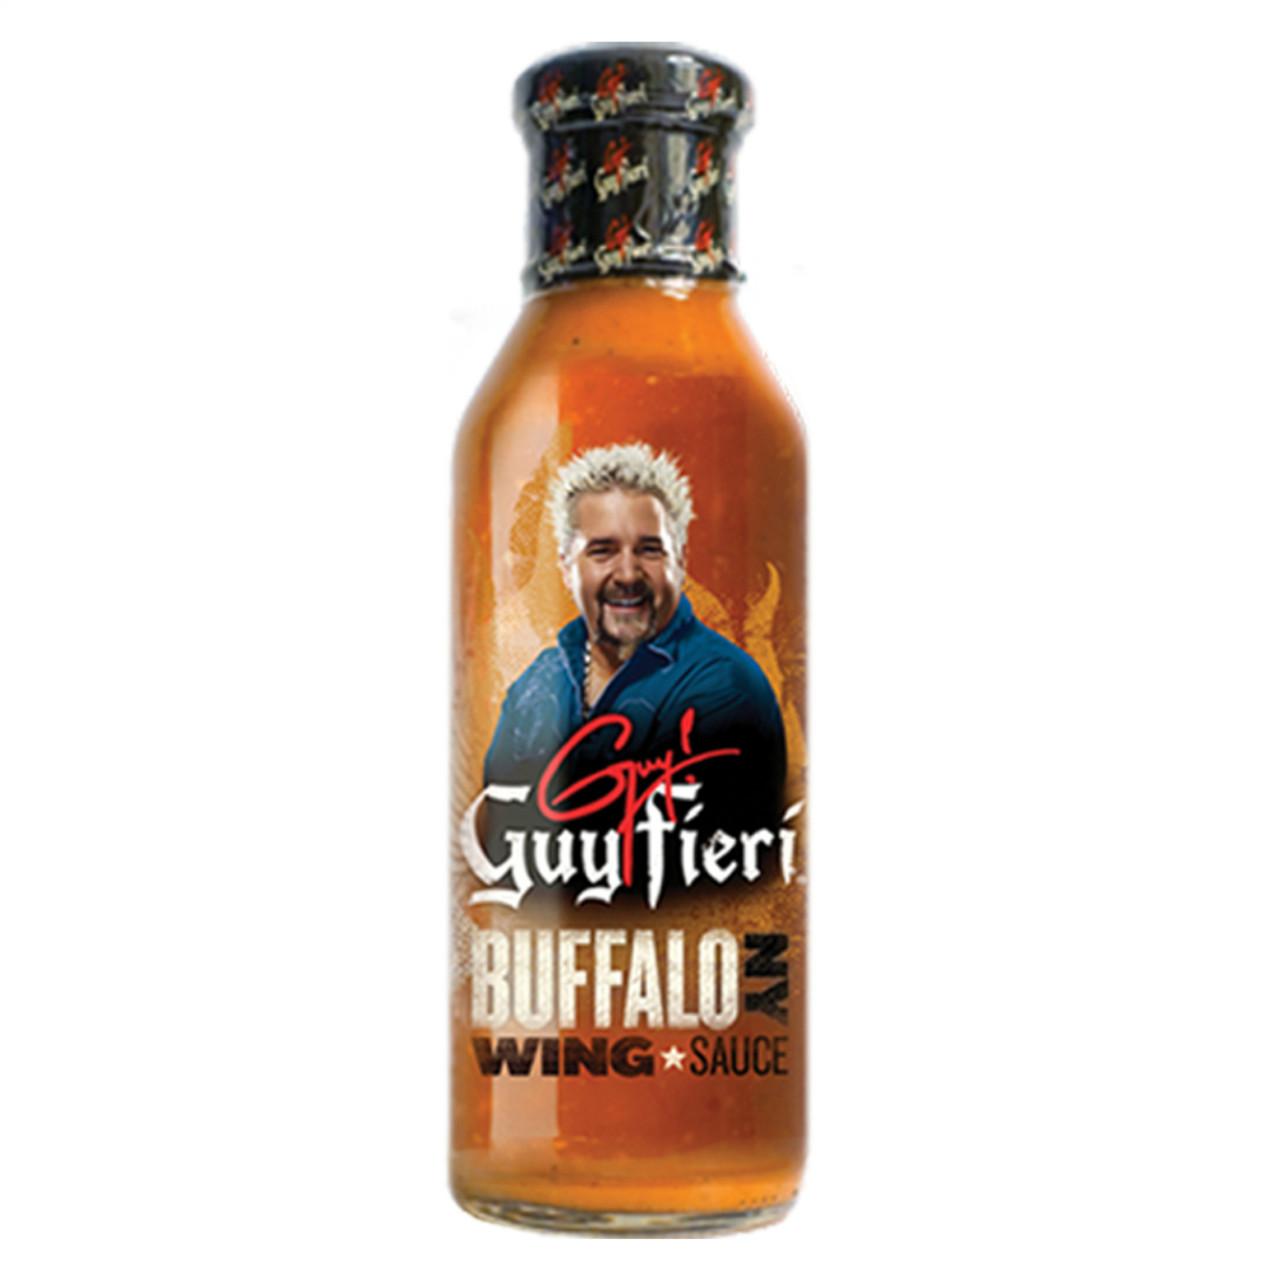 Guy Fieri Buffalo Ny Wing Sauce Samoras Fine Foods